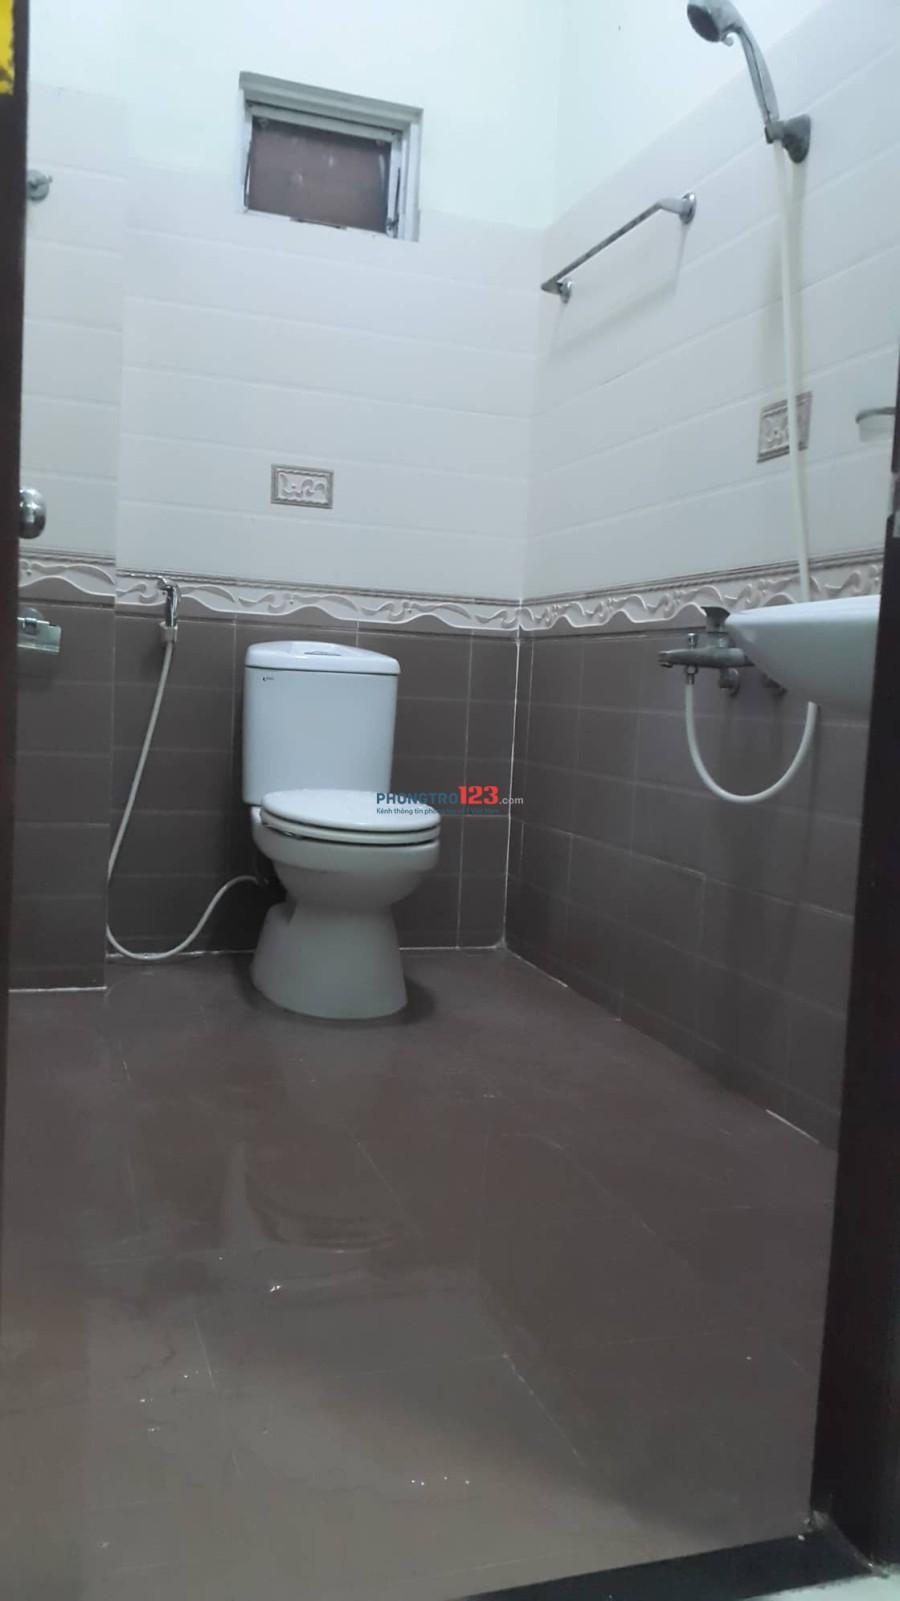 Cho nữ thuê phòng trọ hẻm rộng, có ban công, toilet riêng trong phòng